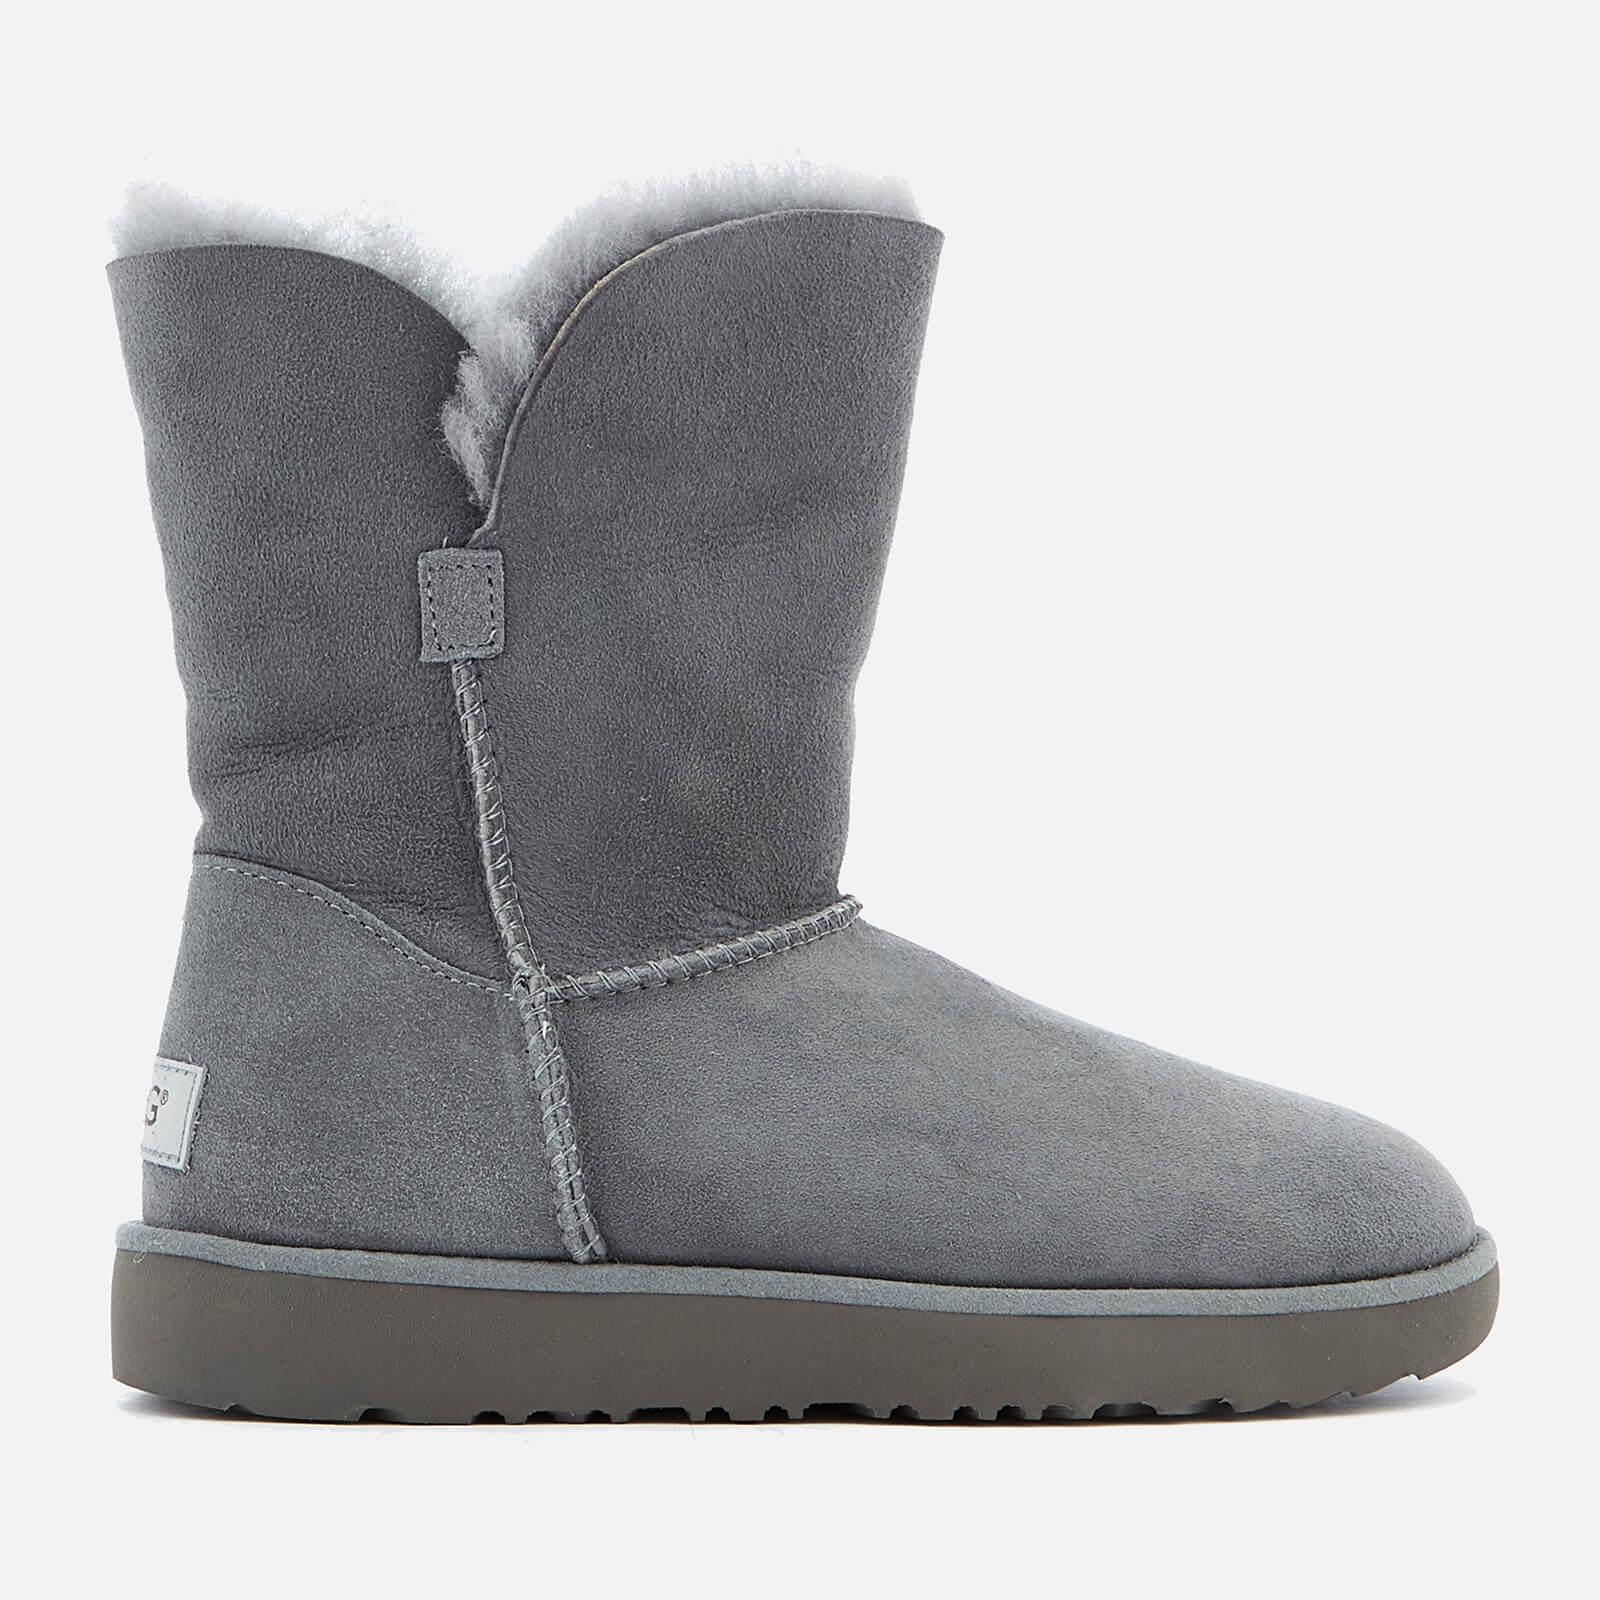 55d7a408f85 UGG Women's Classic Cuff Short Sheepskin Boots - Geyser